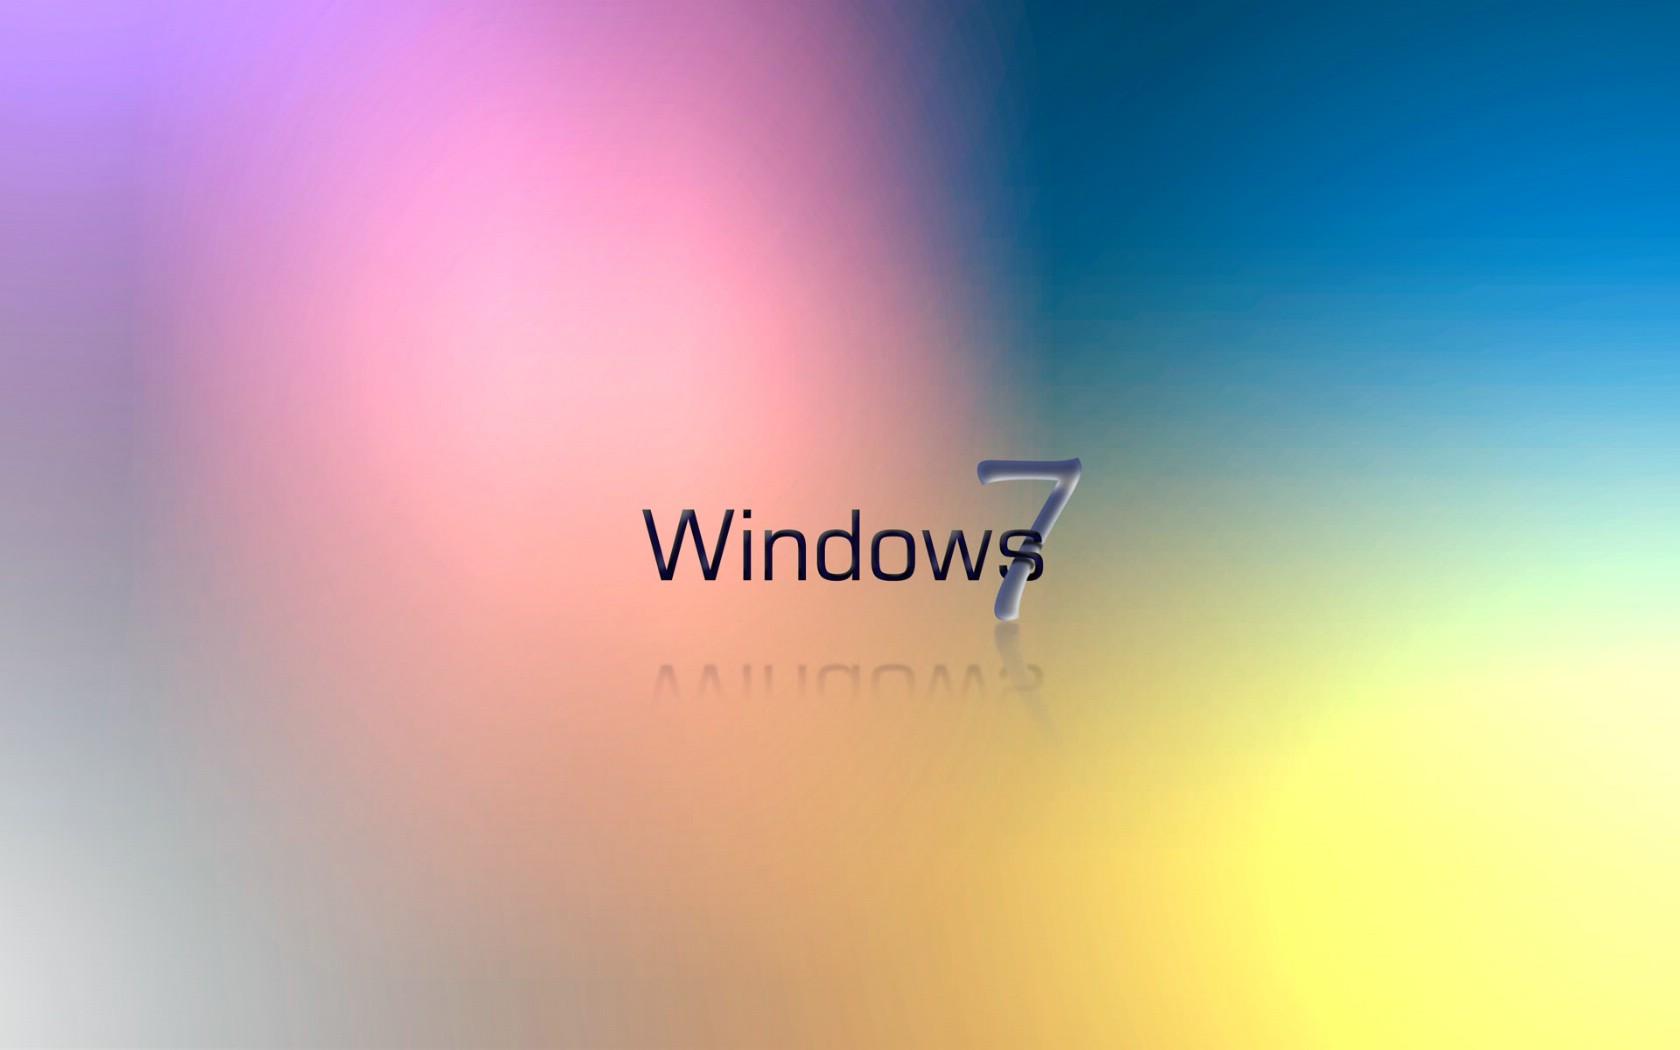 1050高清windows7宽屏壁纸壁纸,高清windows7宽屏壁纸壁纸图片 -